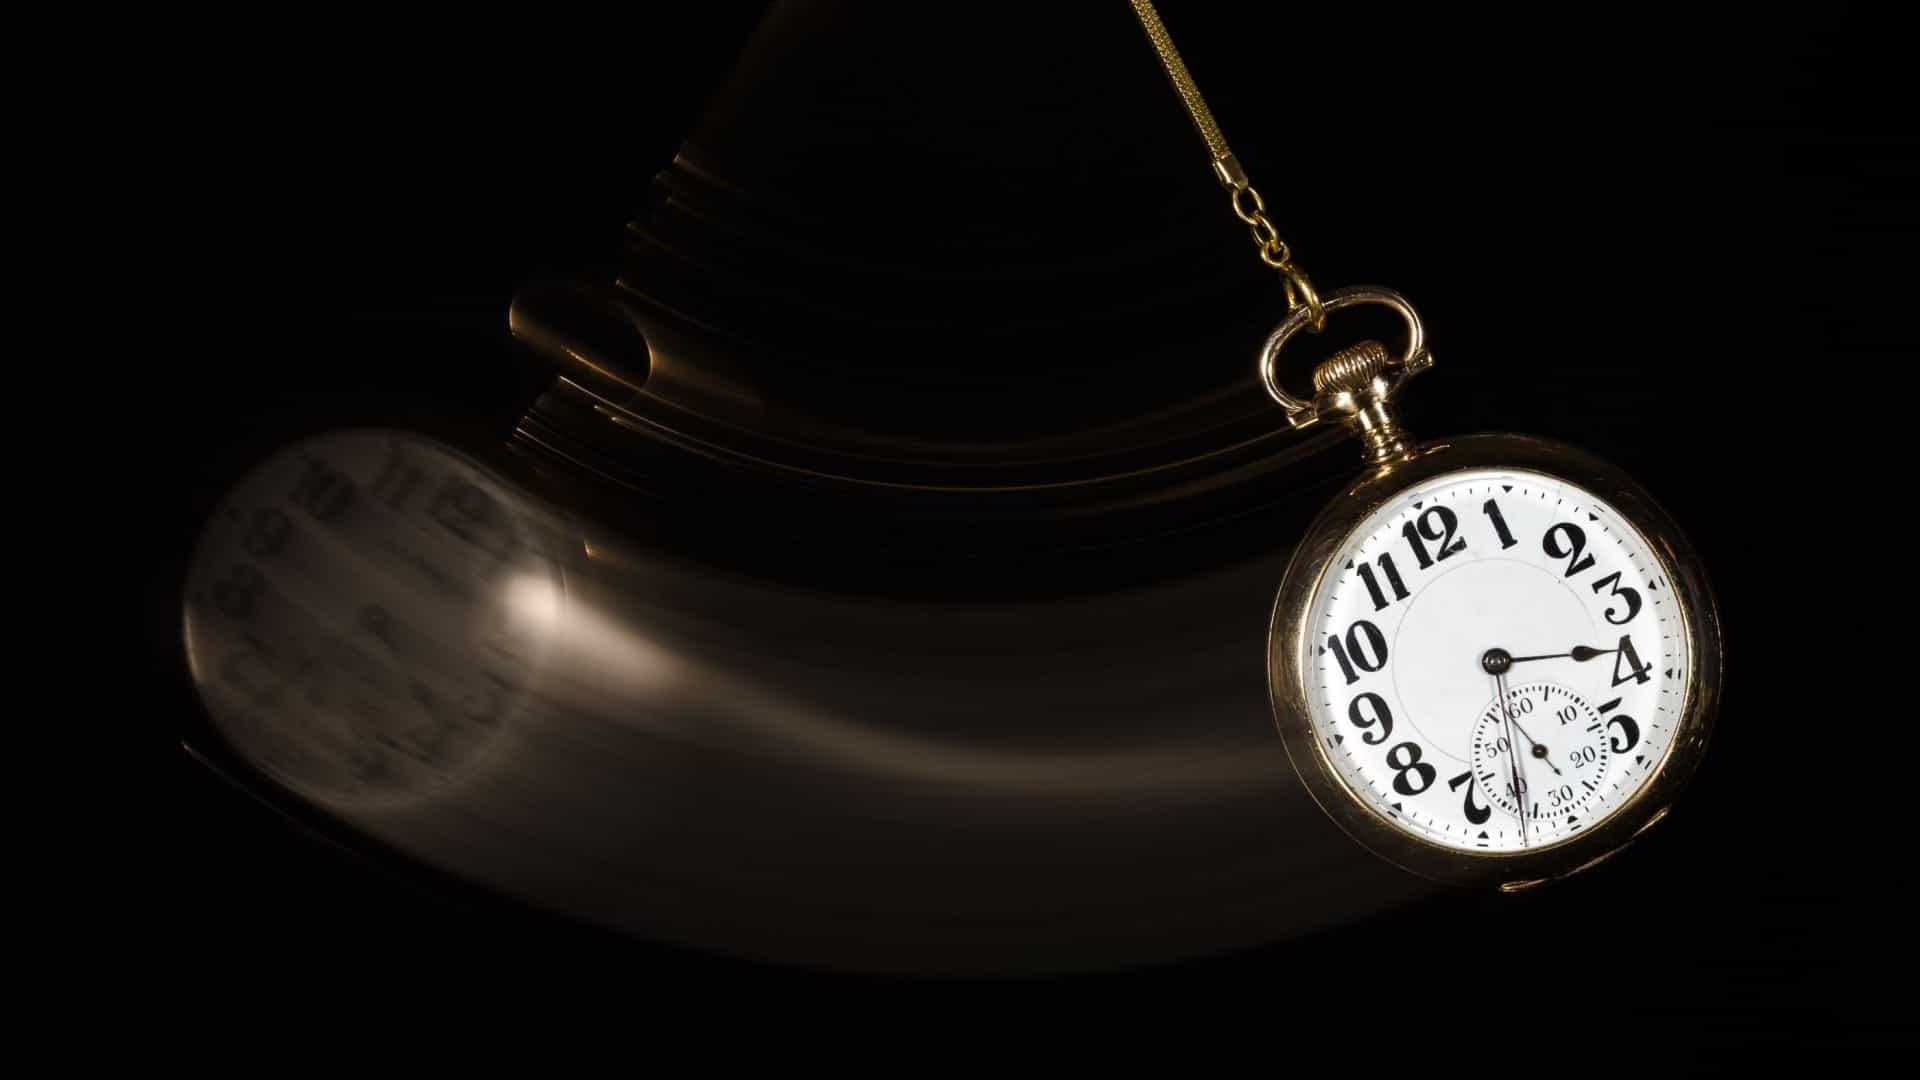 Relógio balançando em fundo preto